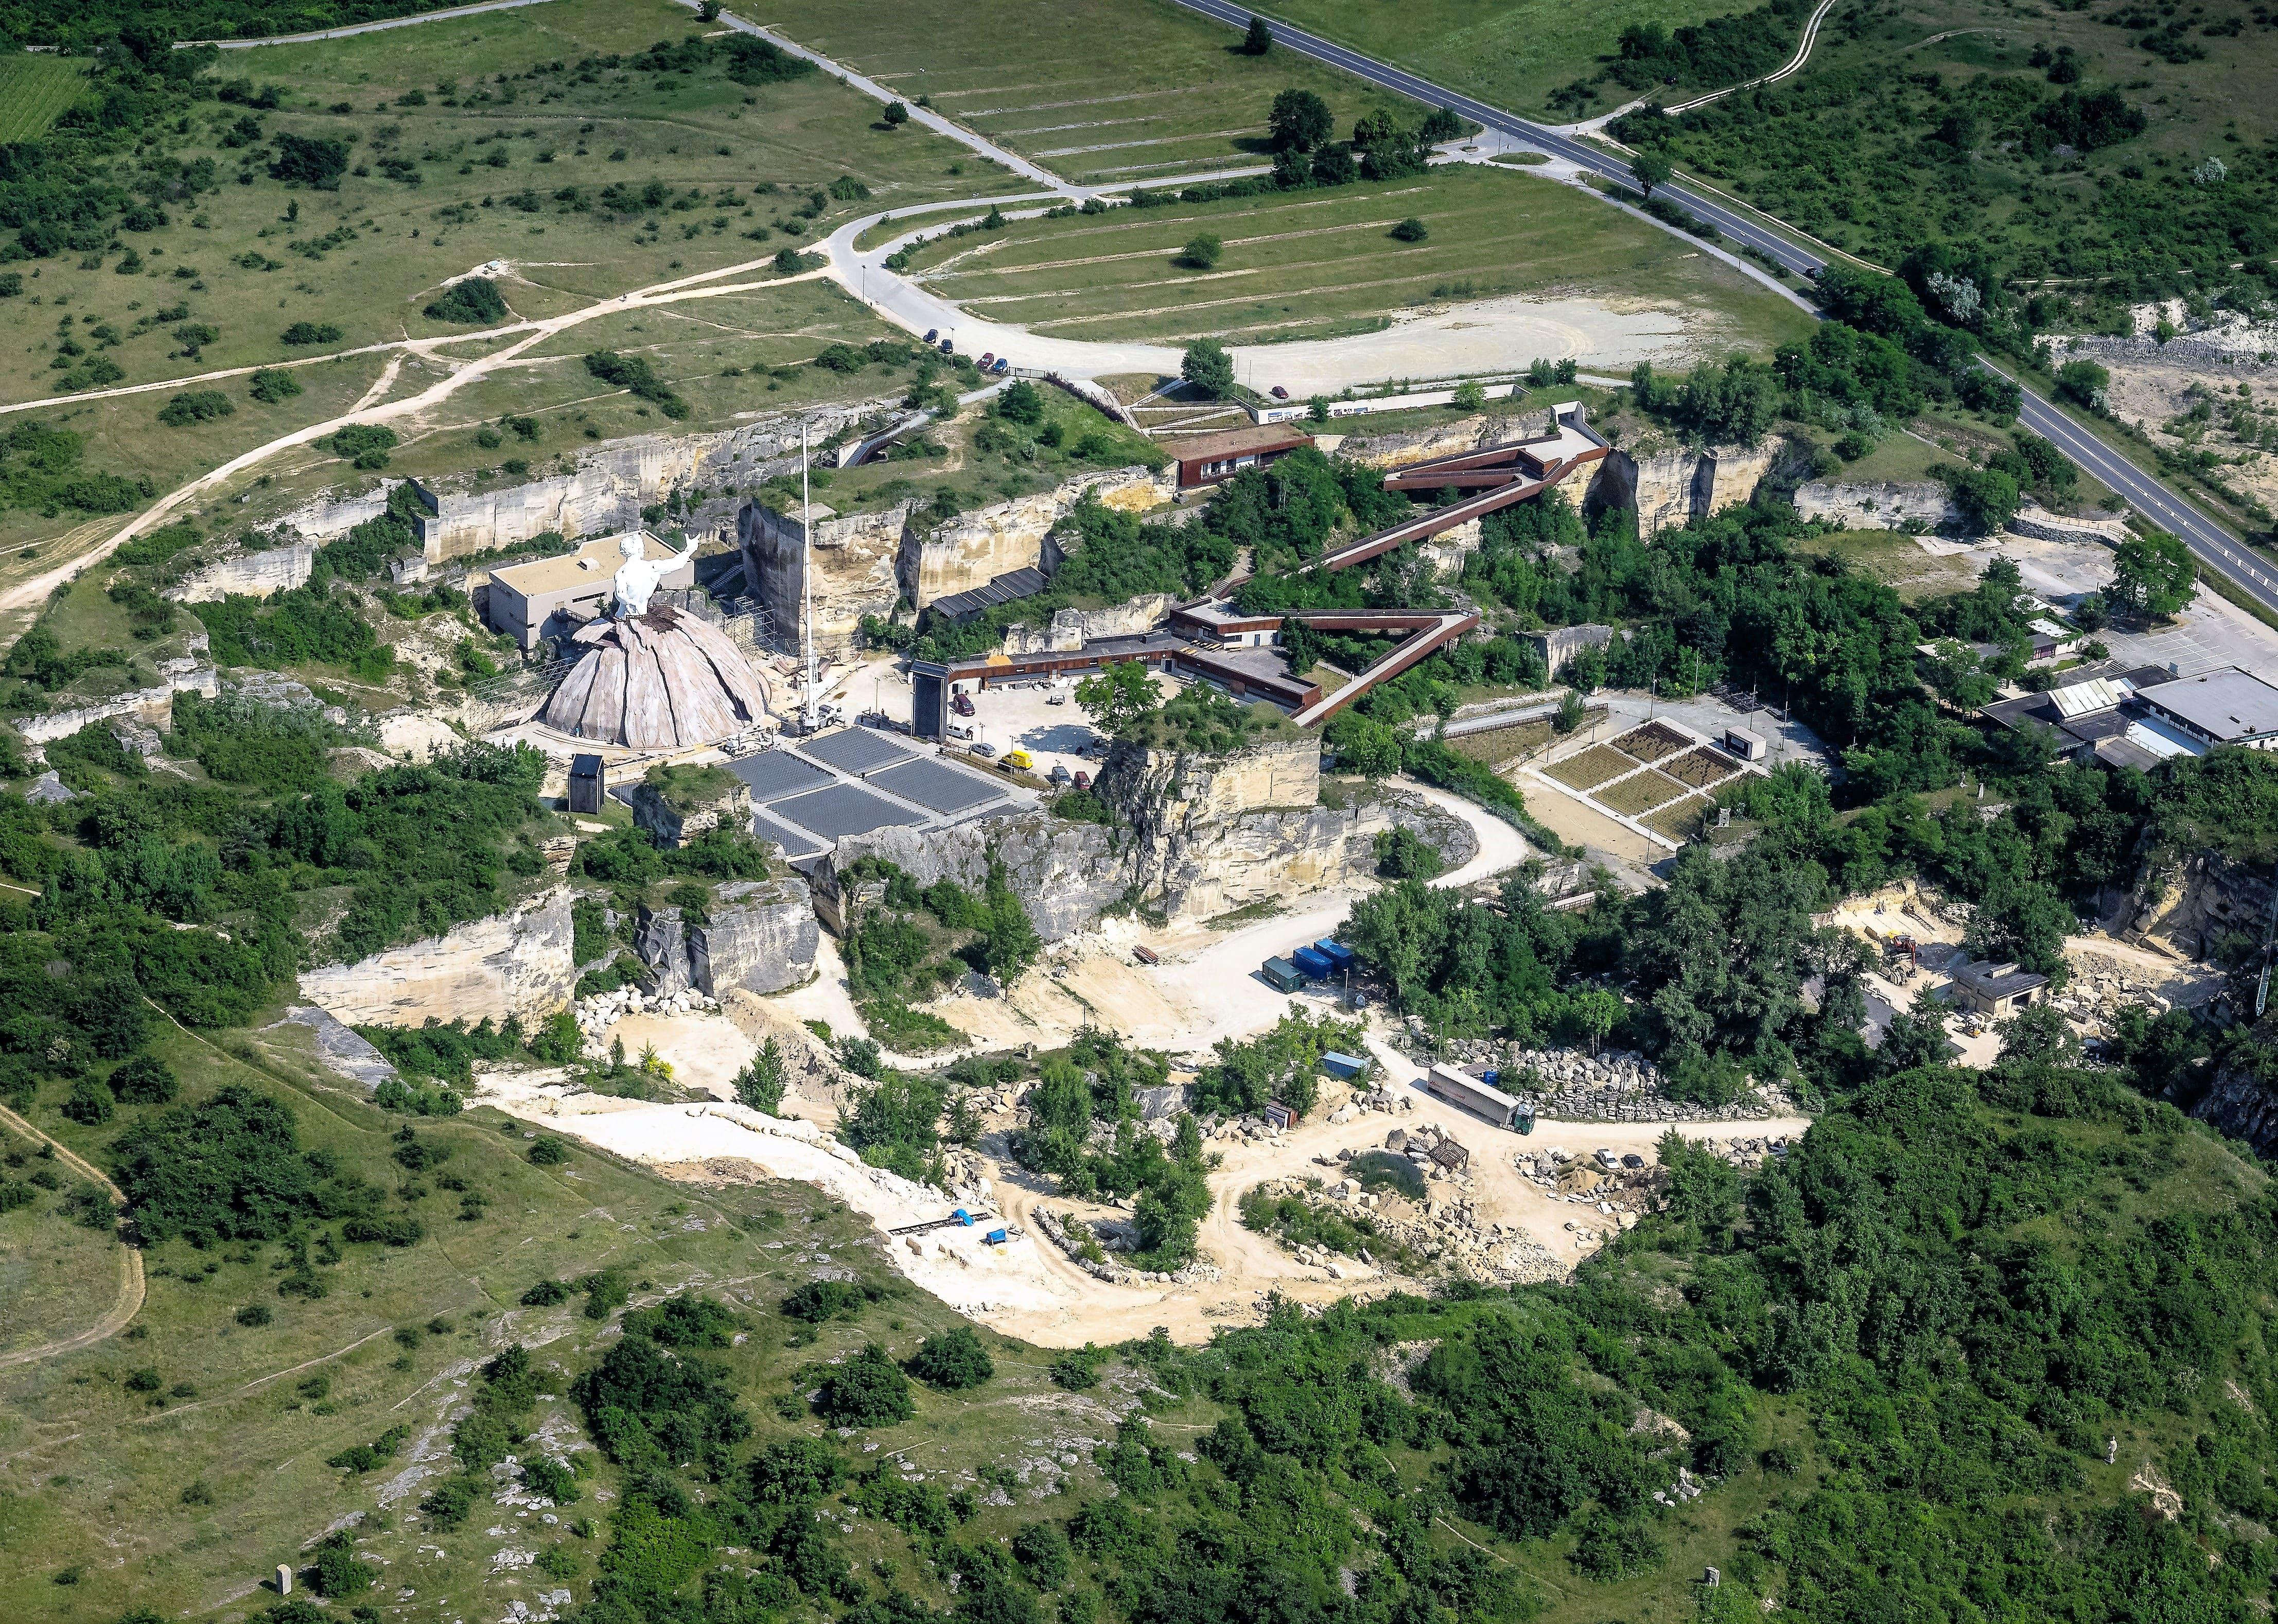 St. Margarethen in Burgenland - Thema auf intertecinc.com